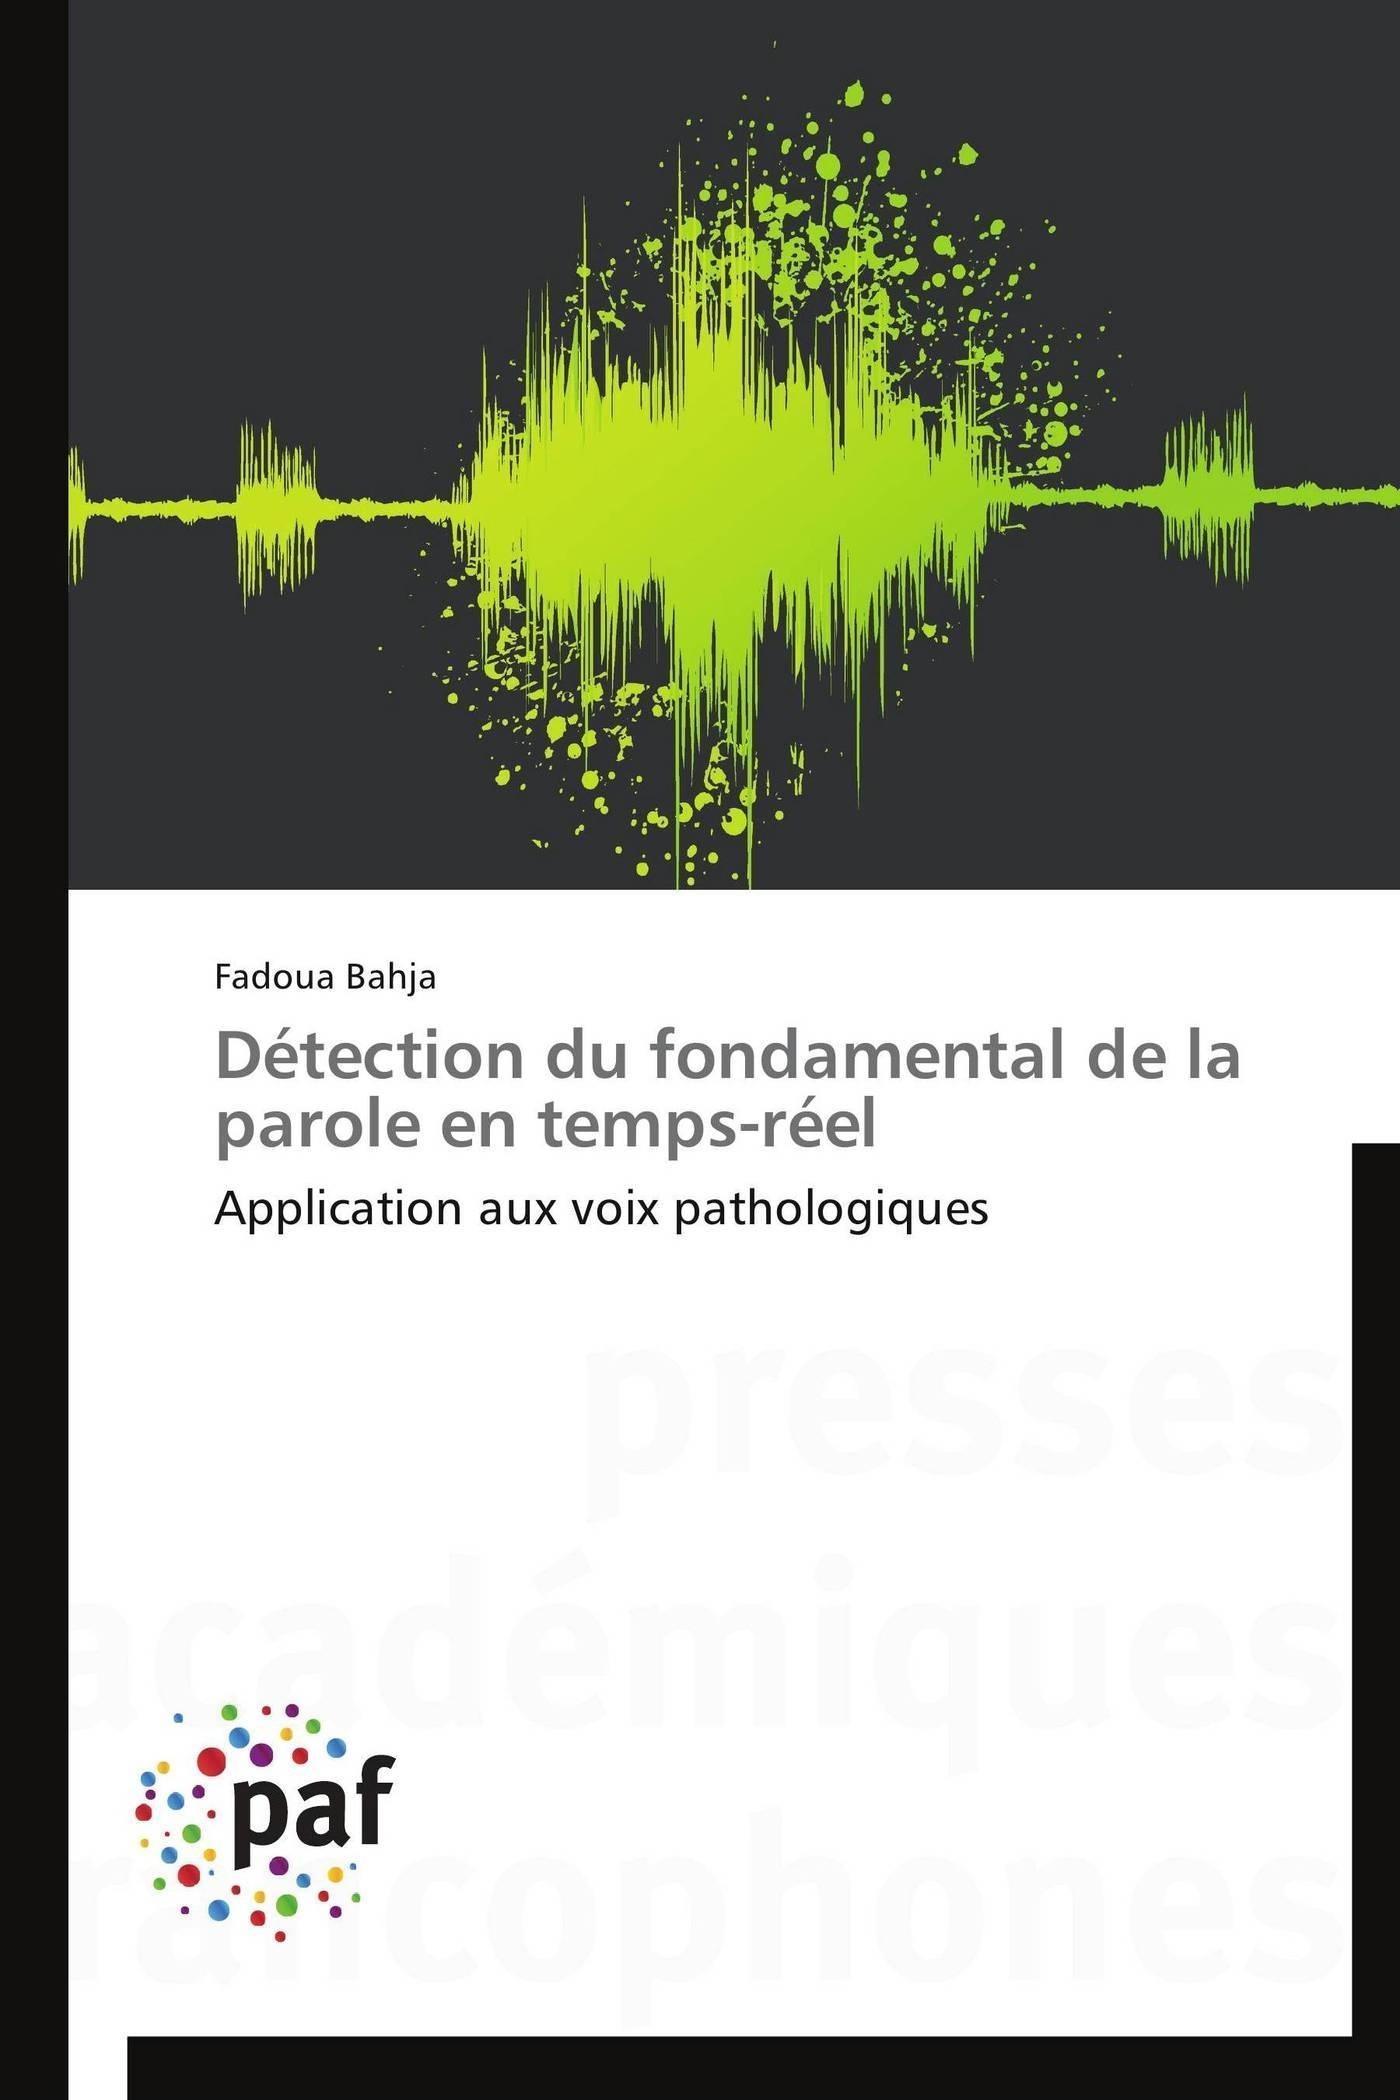 DETECTION DU FONDAMENTAL DE LA PAROLE EN TEMPS-REEL